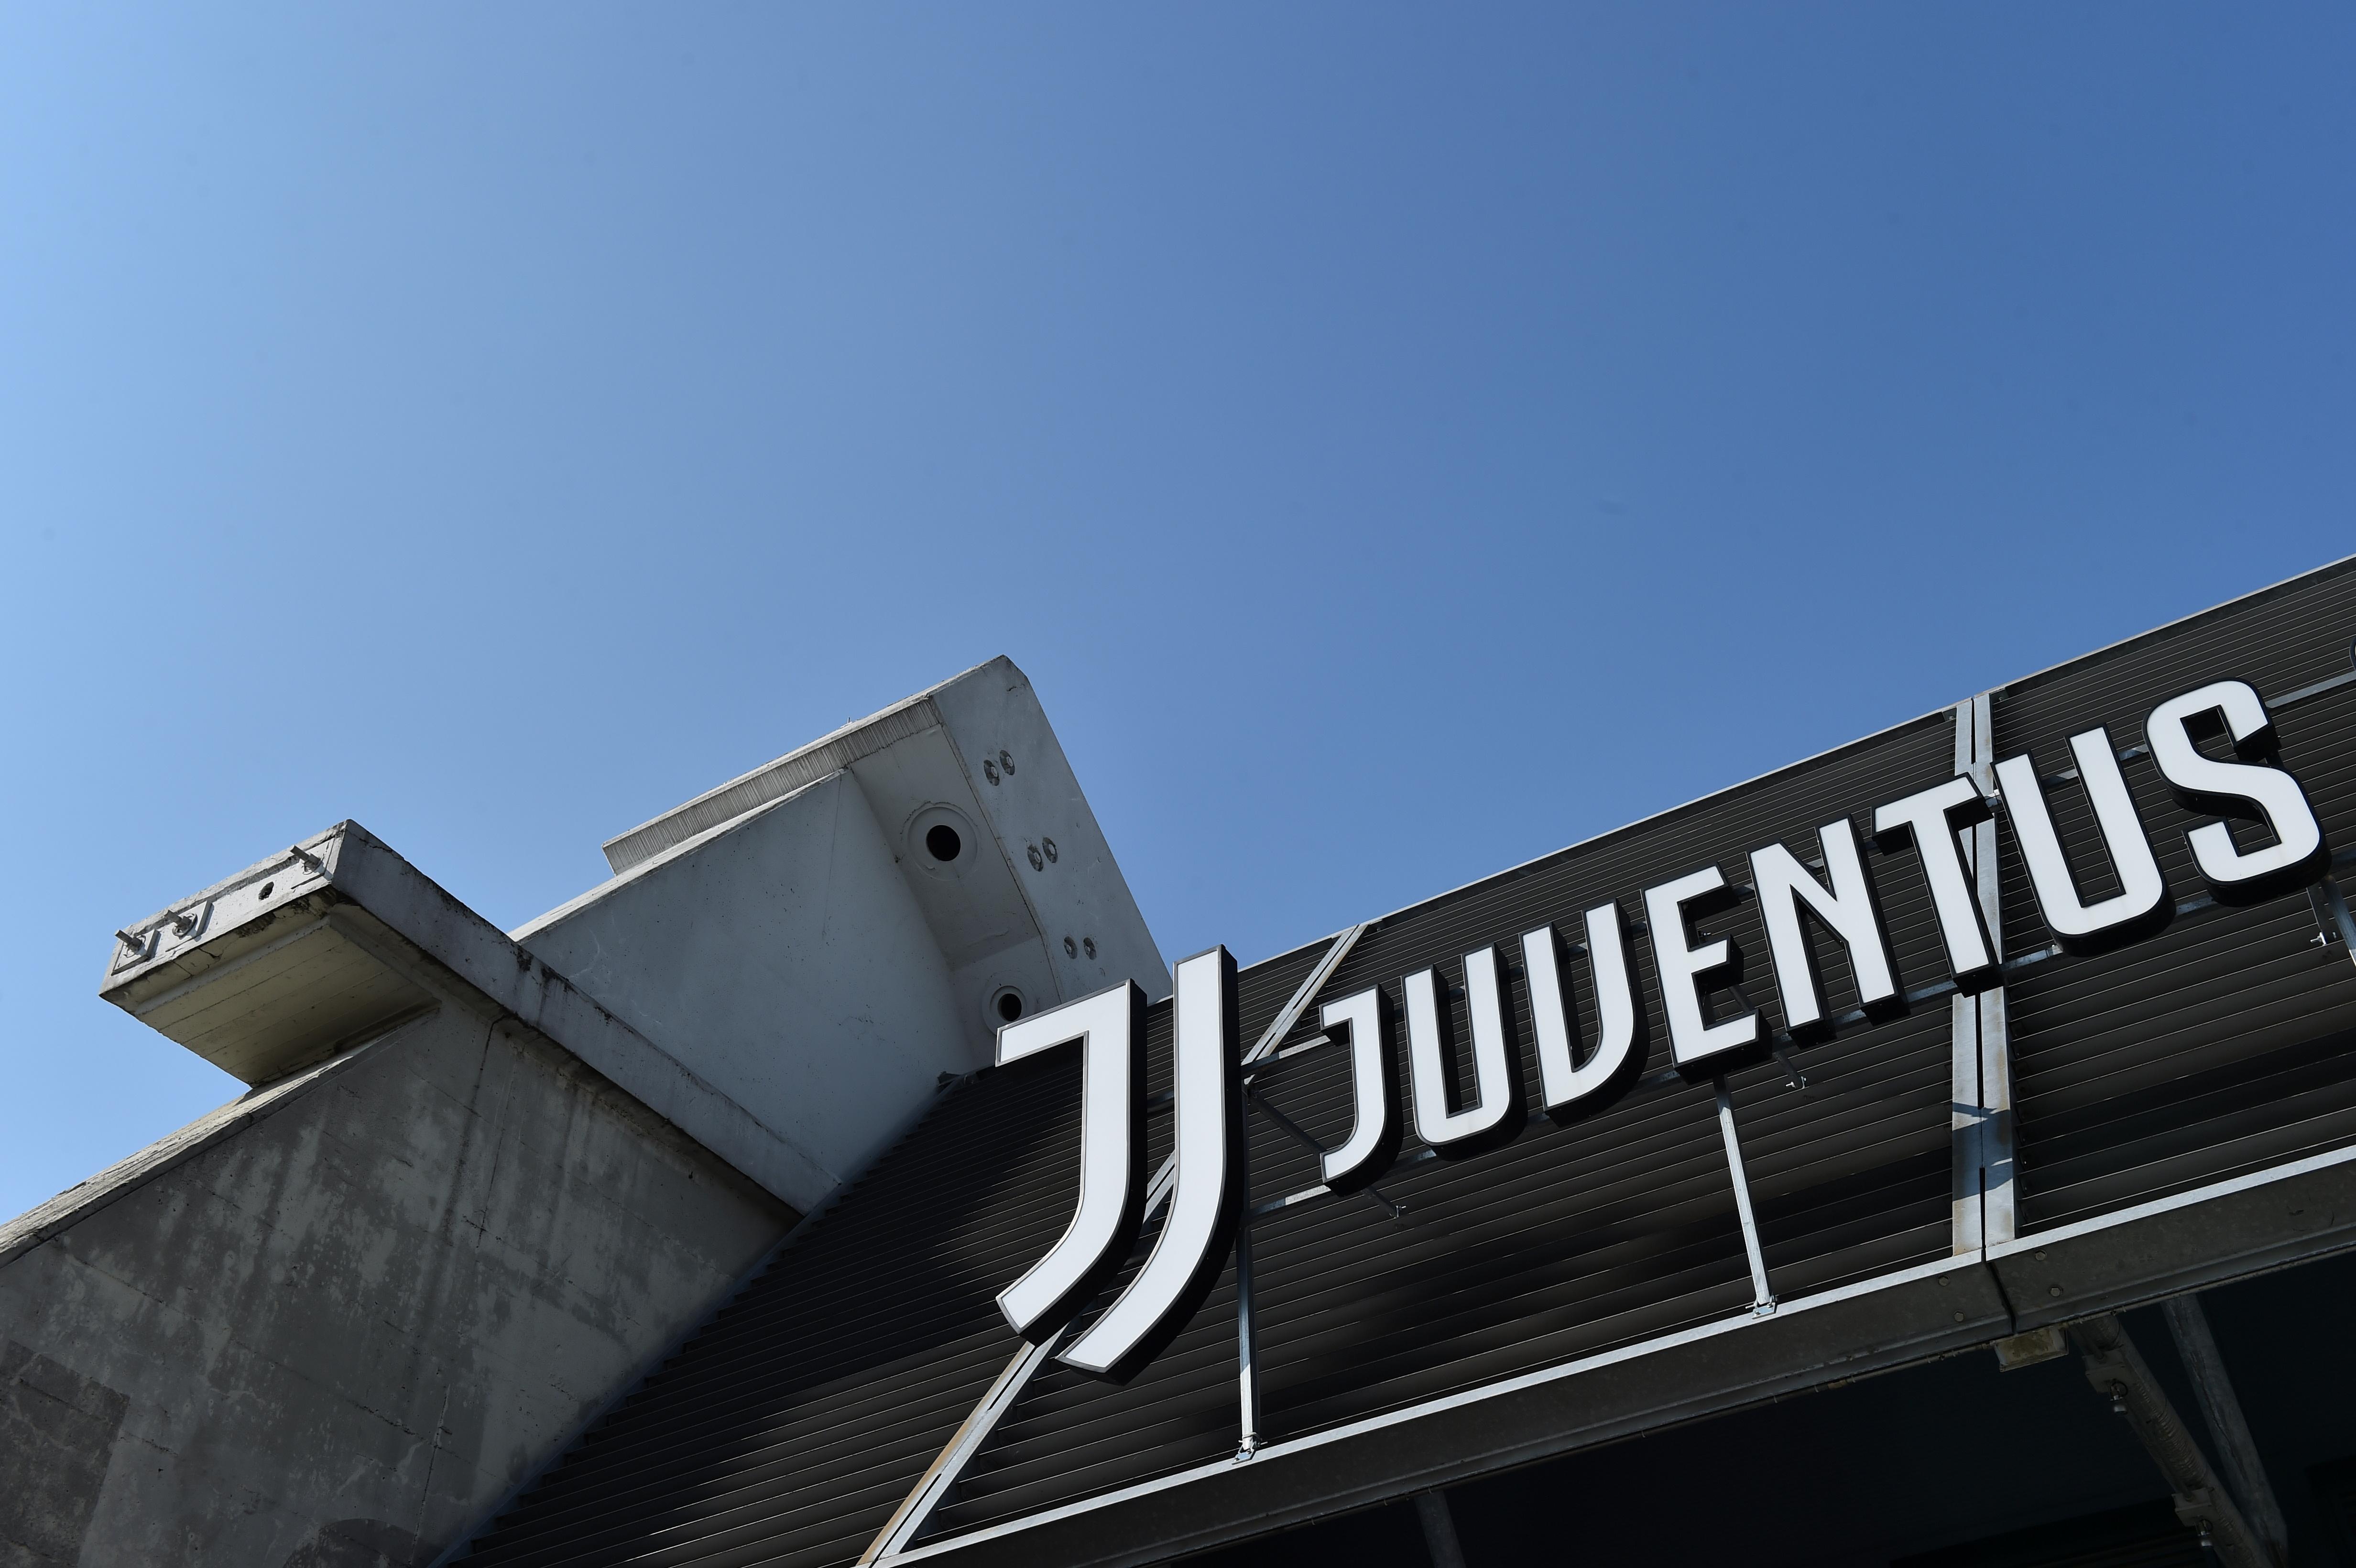 Bóng đá - Sân vận động Allianz được xem là mười hai trong số các câu lạc bộ bóng đá hàng đầu châu Âu khởi động Super League ly khai - Turin, Ý - ngày 19 tháng 4 năm 2021 REUTERS / Massimo Pinca